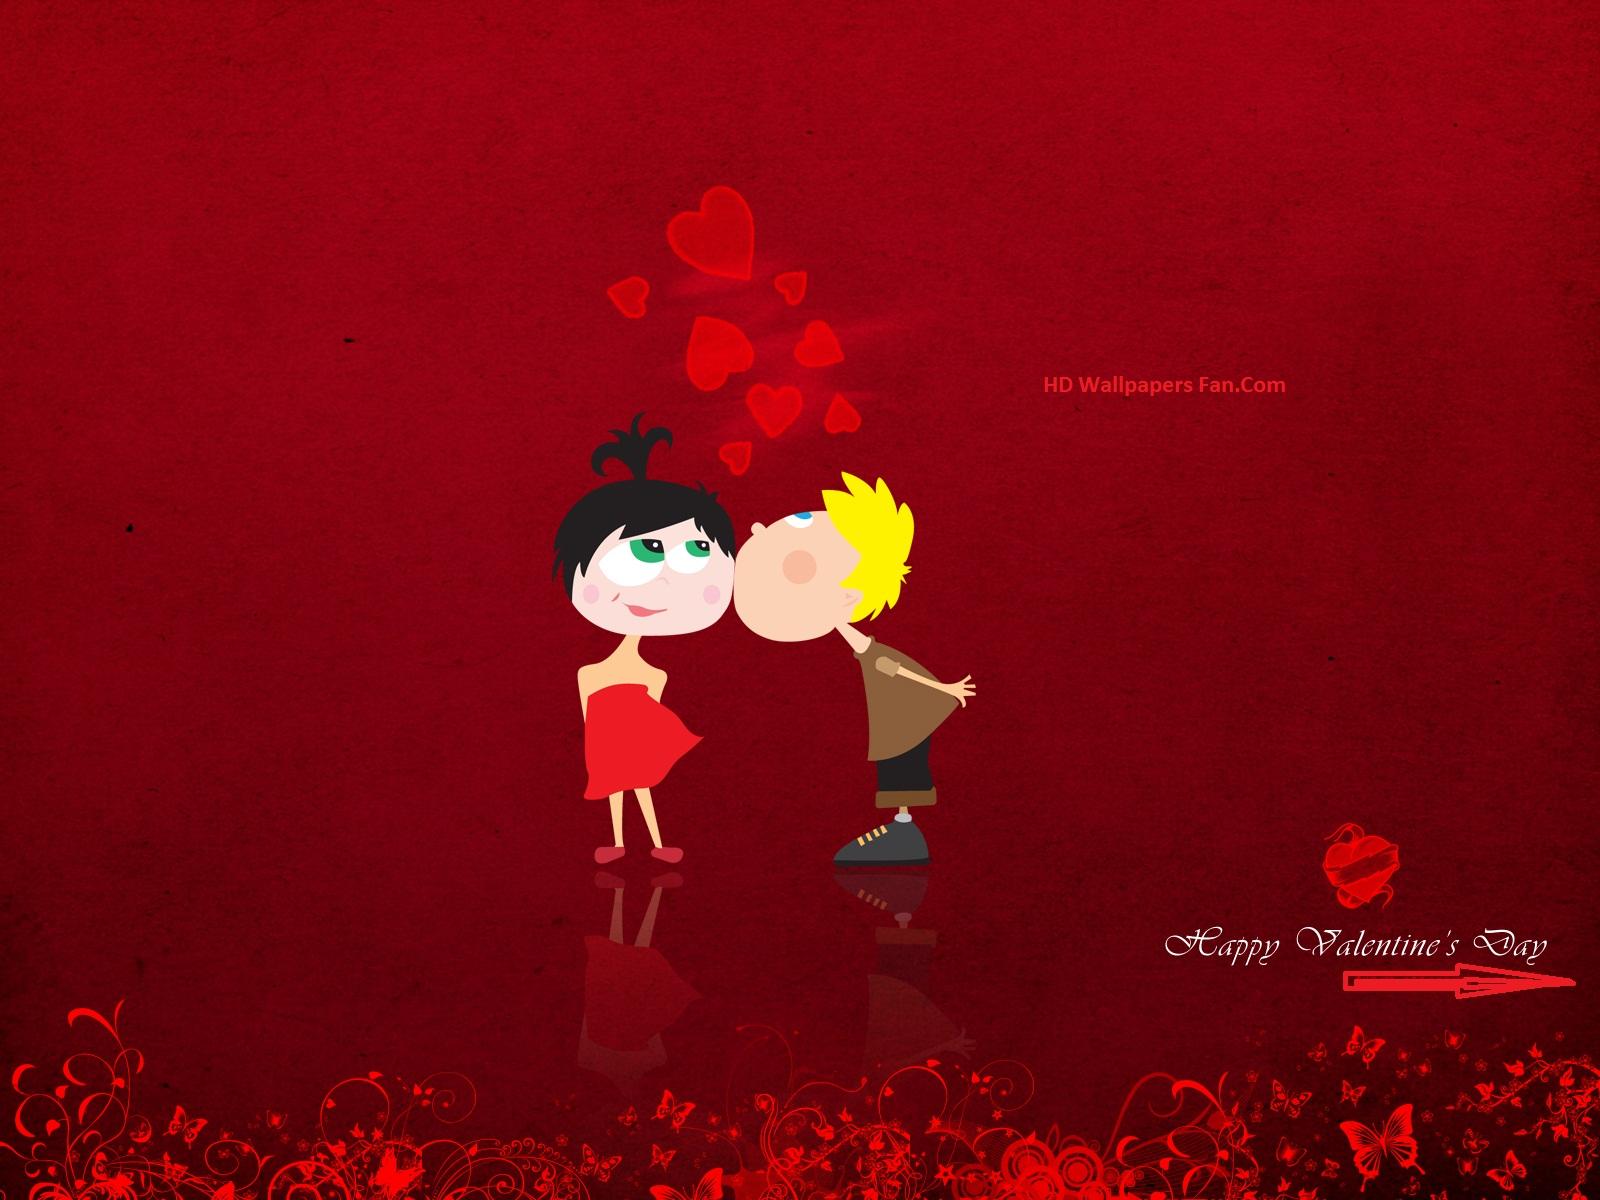 hd wallpapers desktop wallpapers 1080p happy valentines